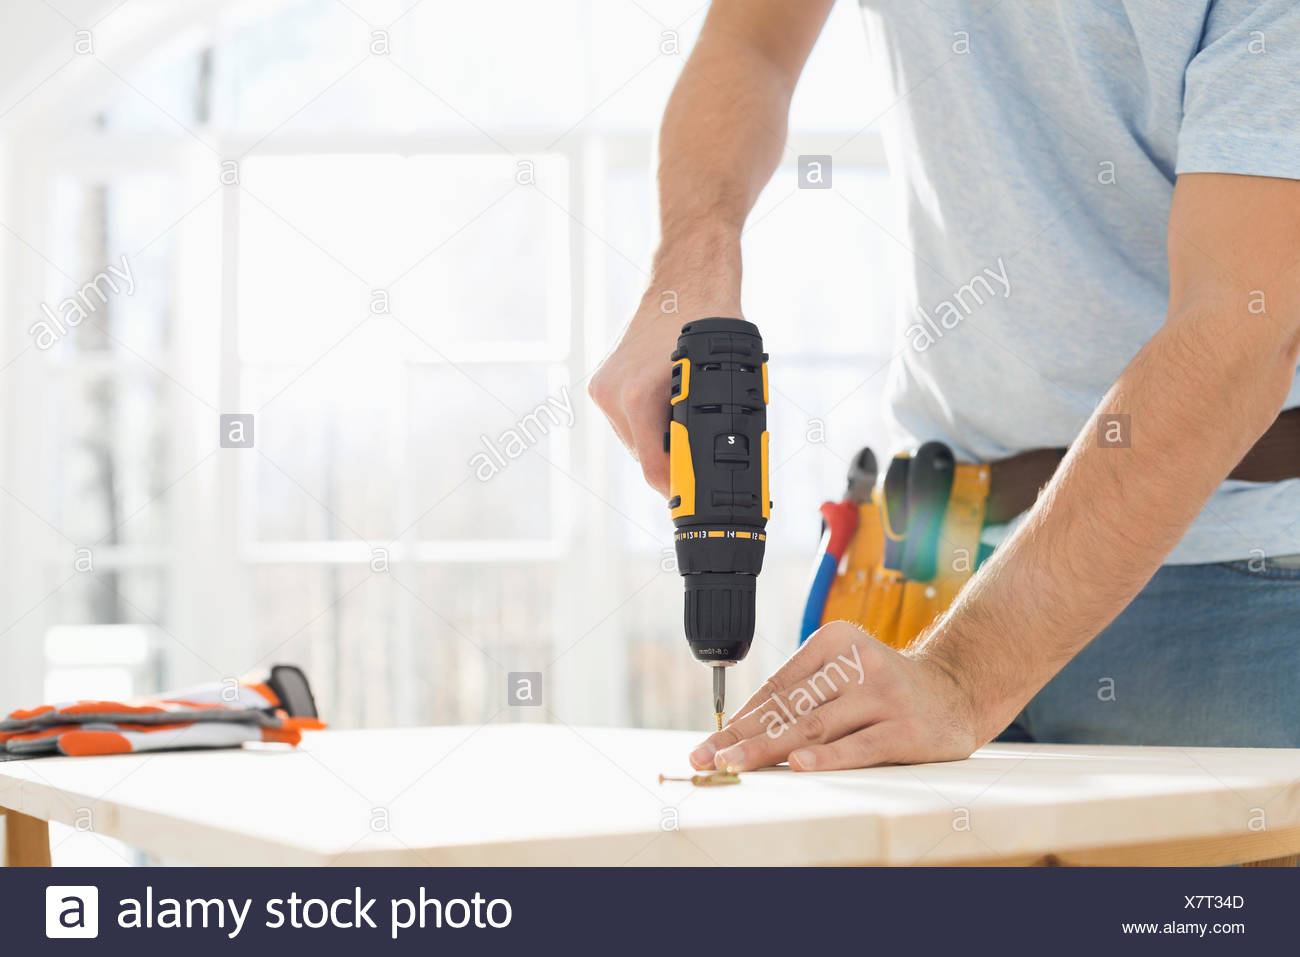 Mittelteil des Menschen bohren Nagel auf Tisch Stockfoto, Bild ...